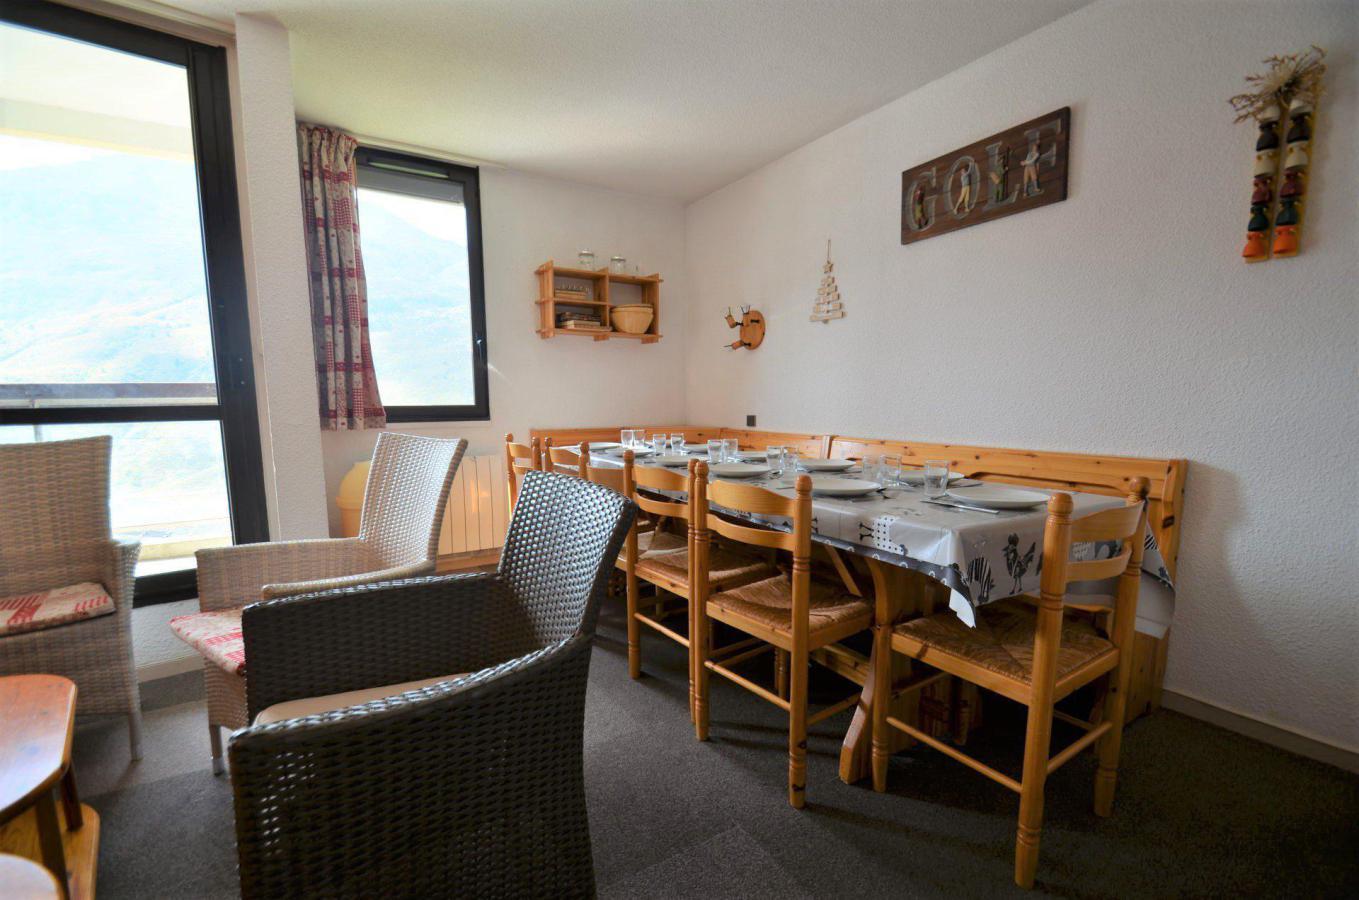 Location au ski Appartement 3 pièces 10 personnes - Residence Les Origanes - Les Menuires - Séjour